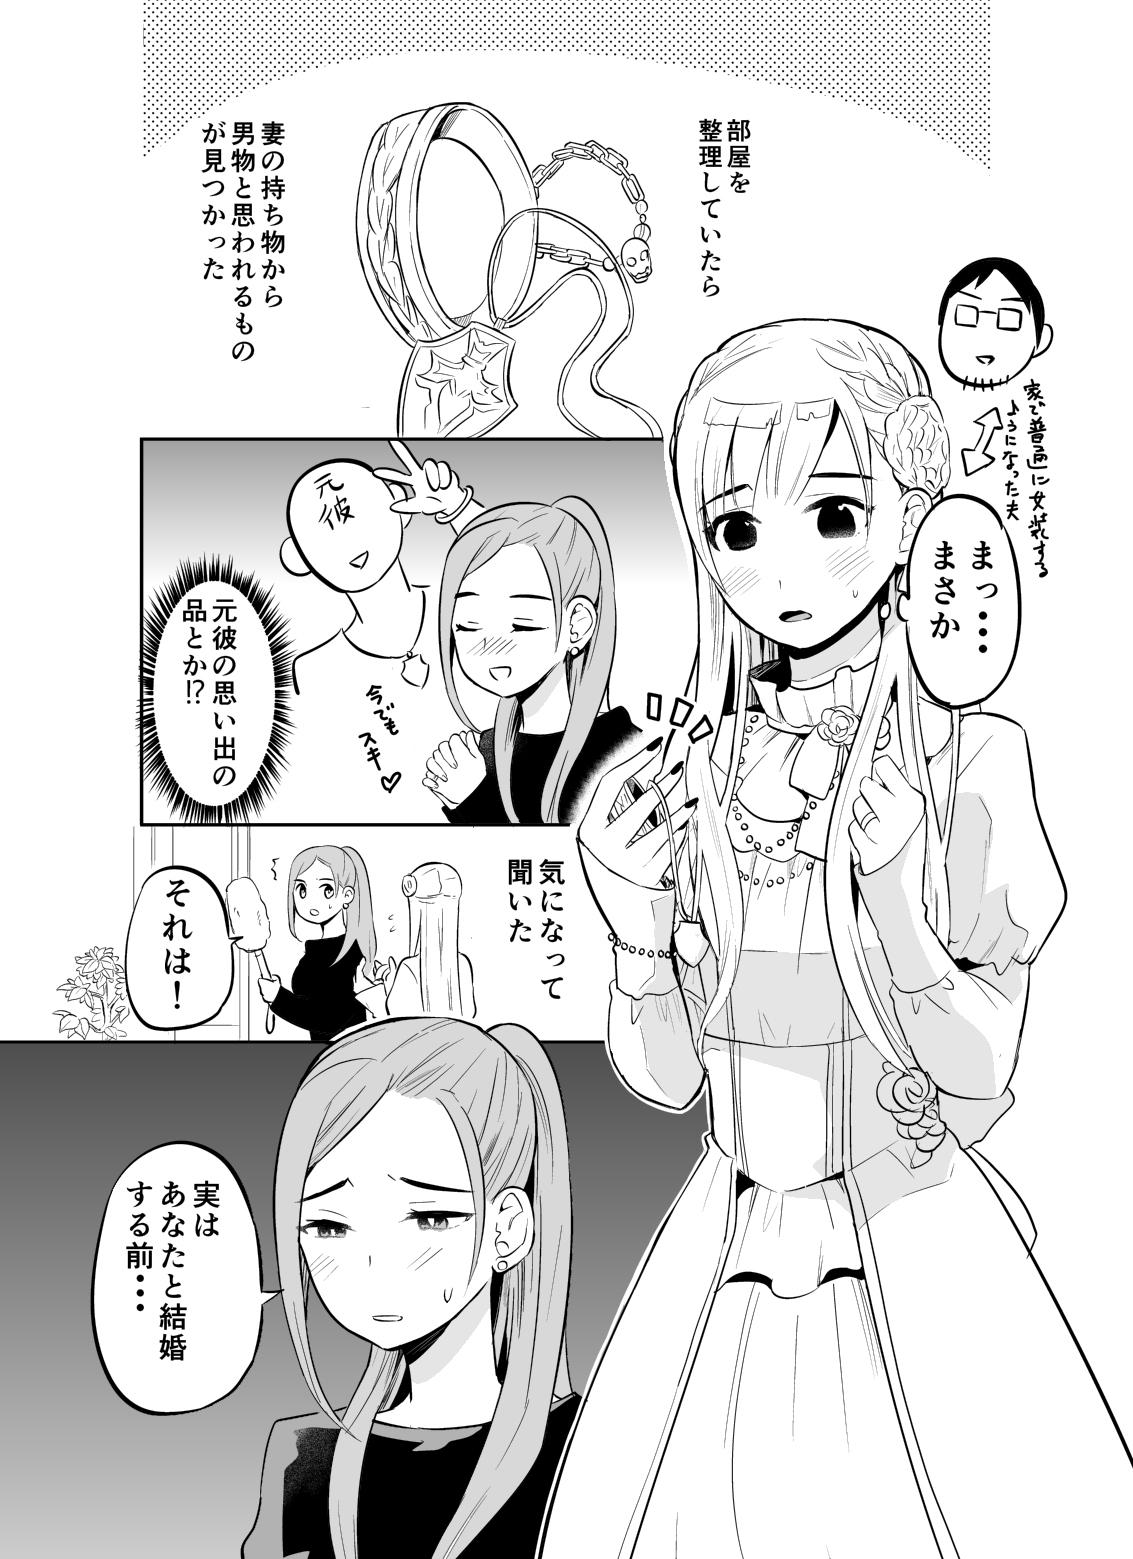 夫の女装が可愛い話 4-1.jpg_large